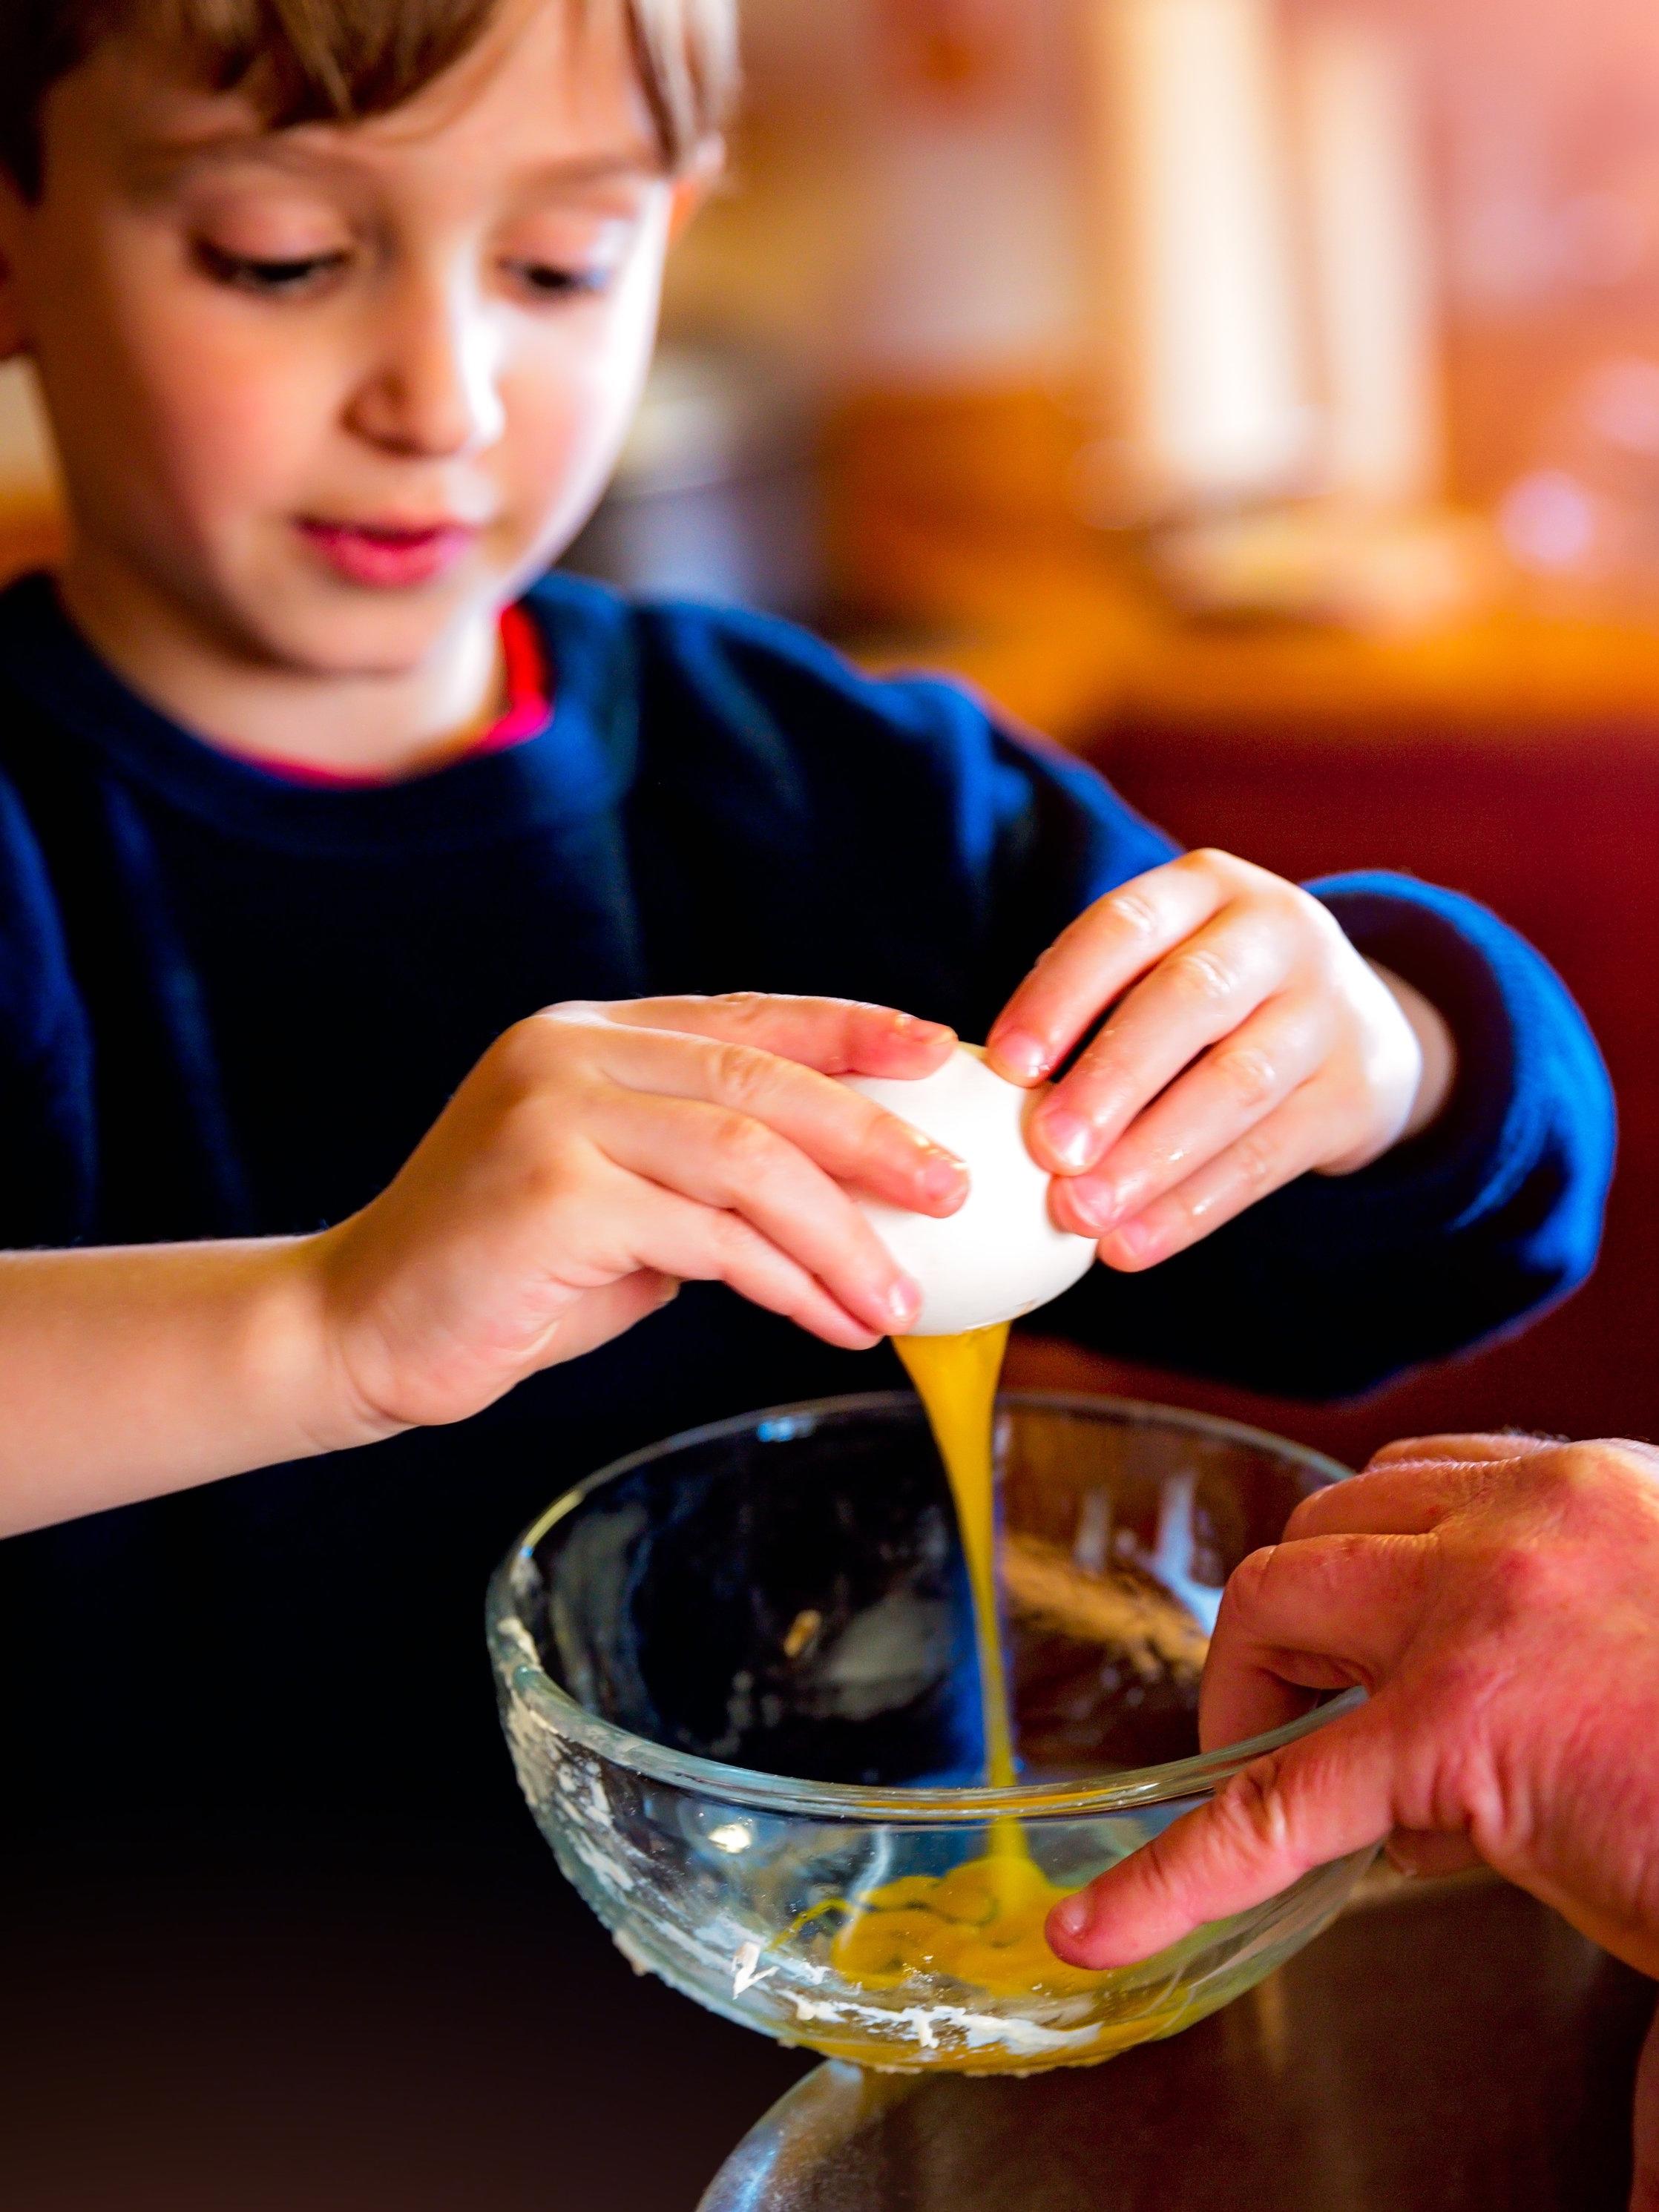 Canva+-+Baking%2C+Children%2C+Cooking%2C+Education%2C+Grandparents.jpg